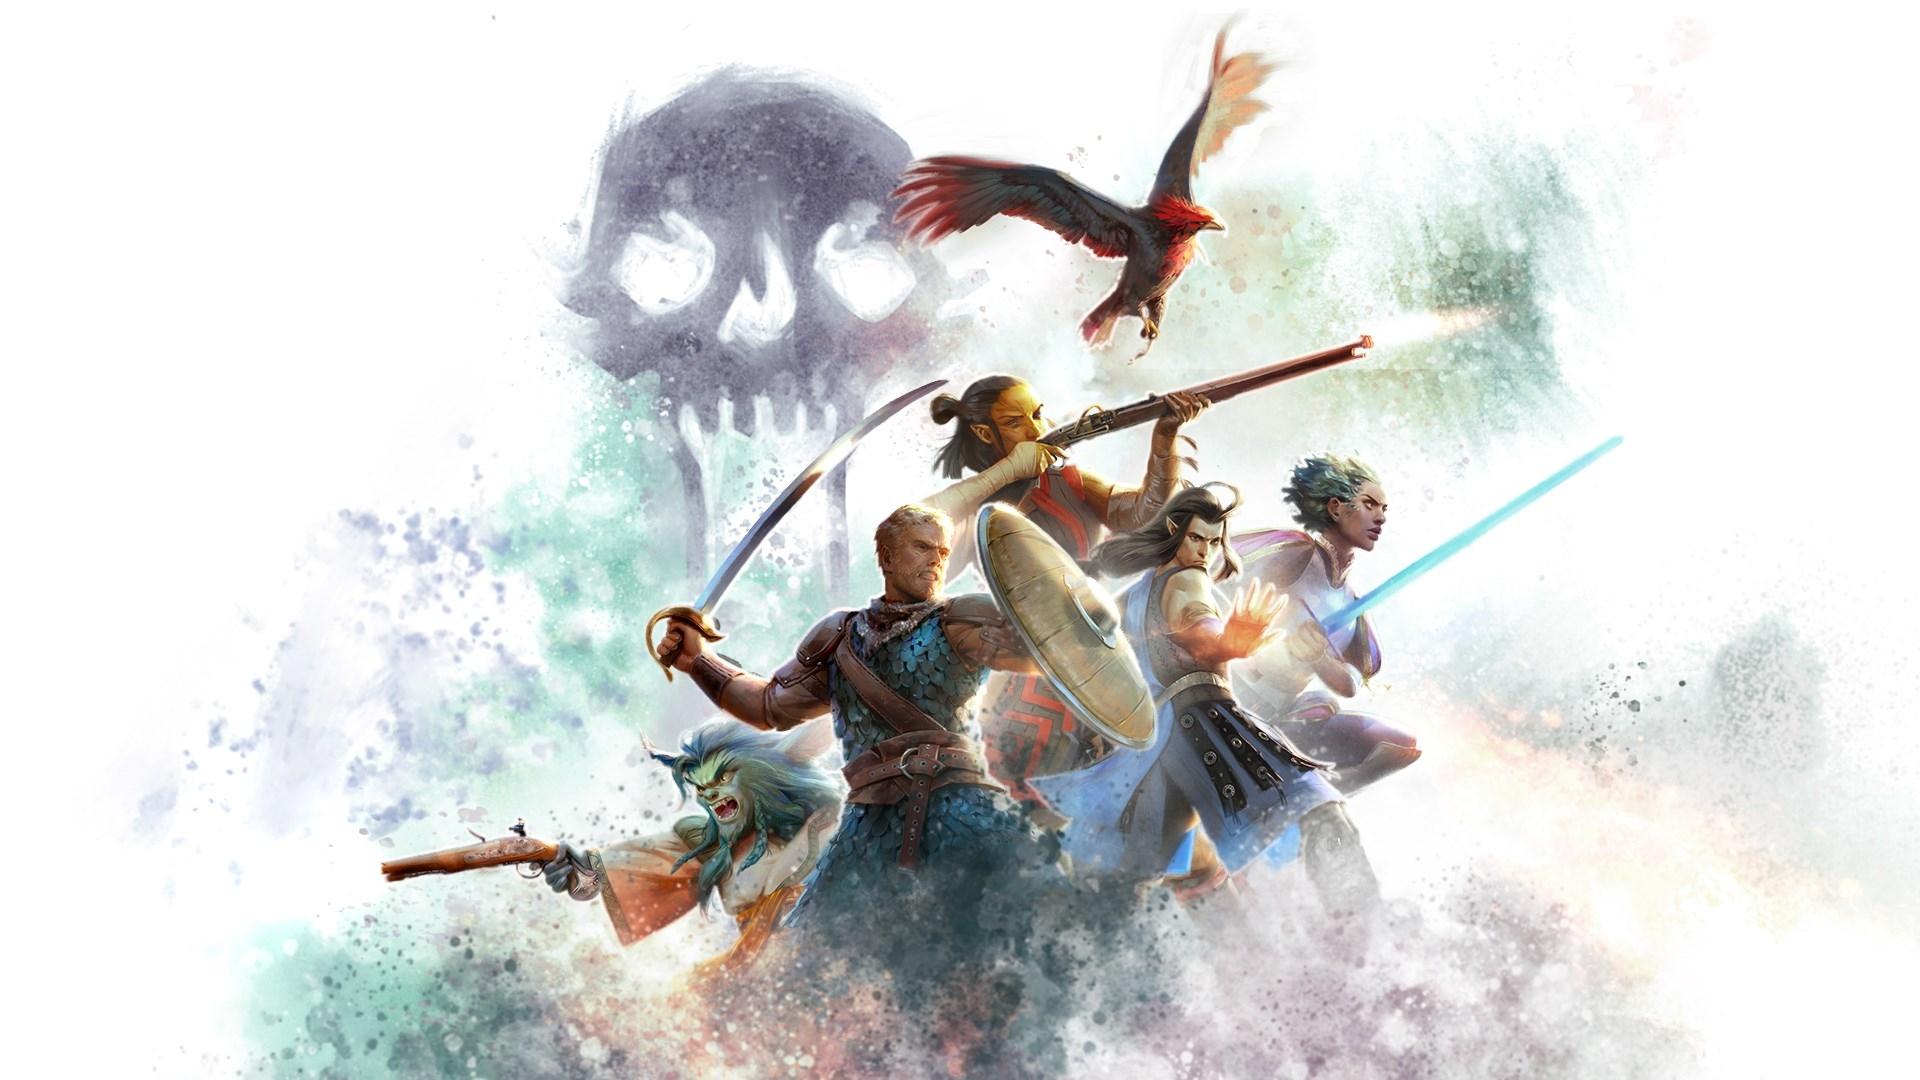 Pillars Of Eternity 2 Deadfire Wallpaper Hd Games 4k Wallpapers